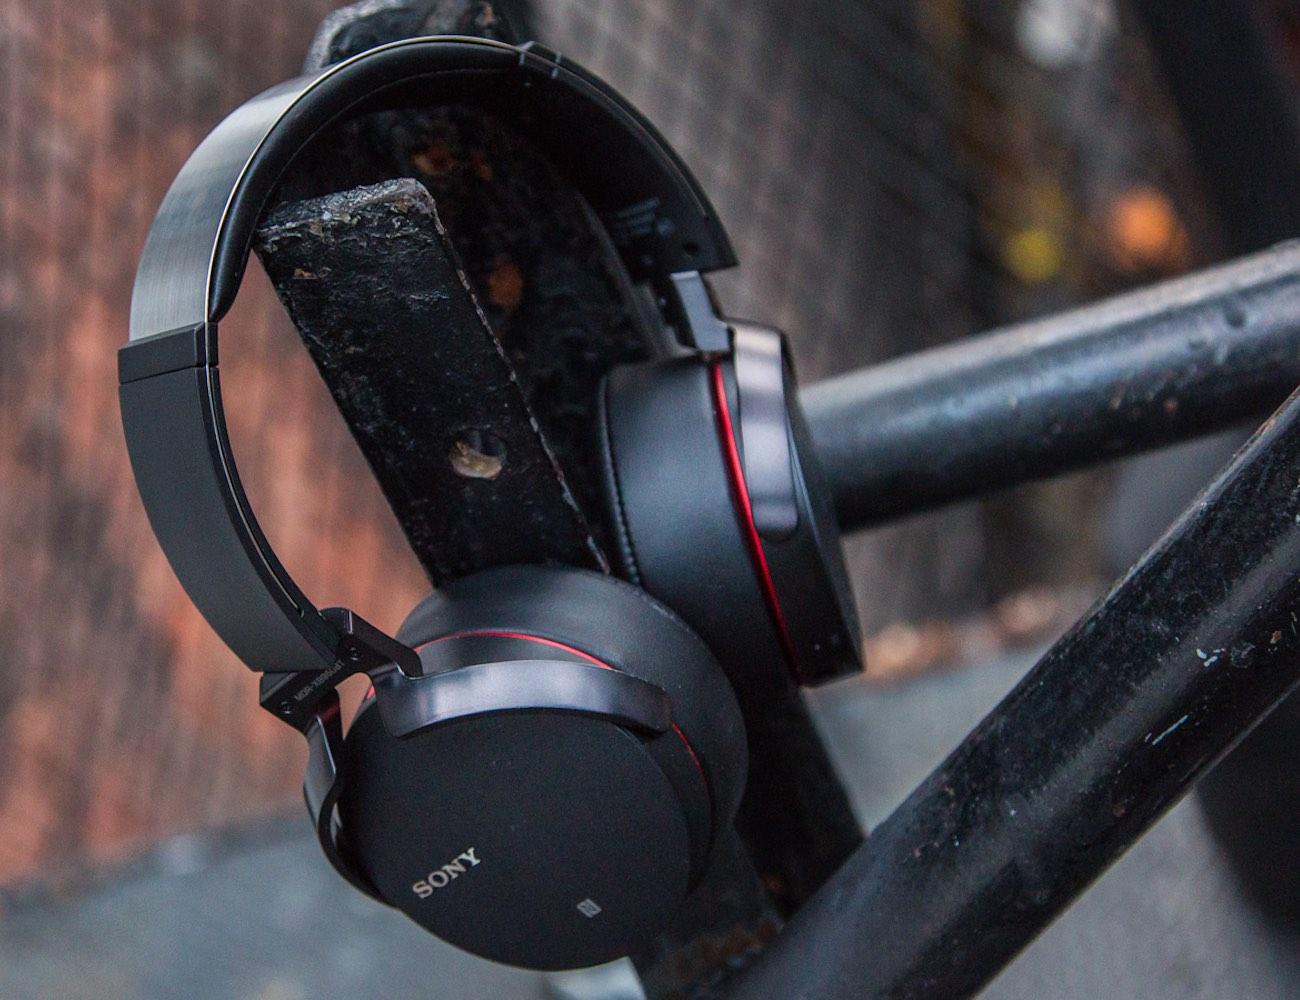 Sony wireless headphones rf995rk - headphones sony xb950 case